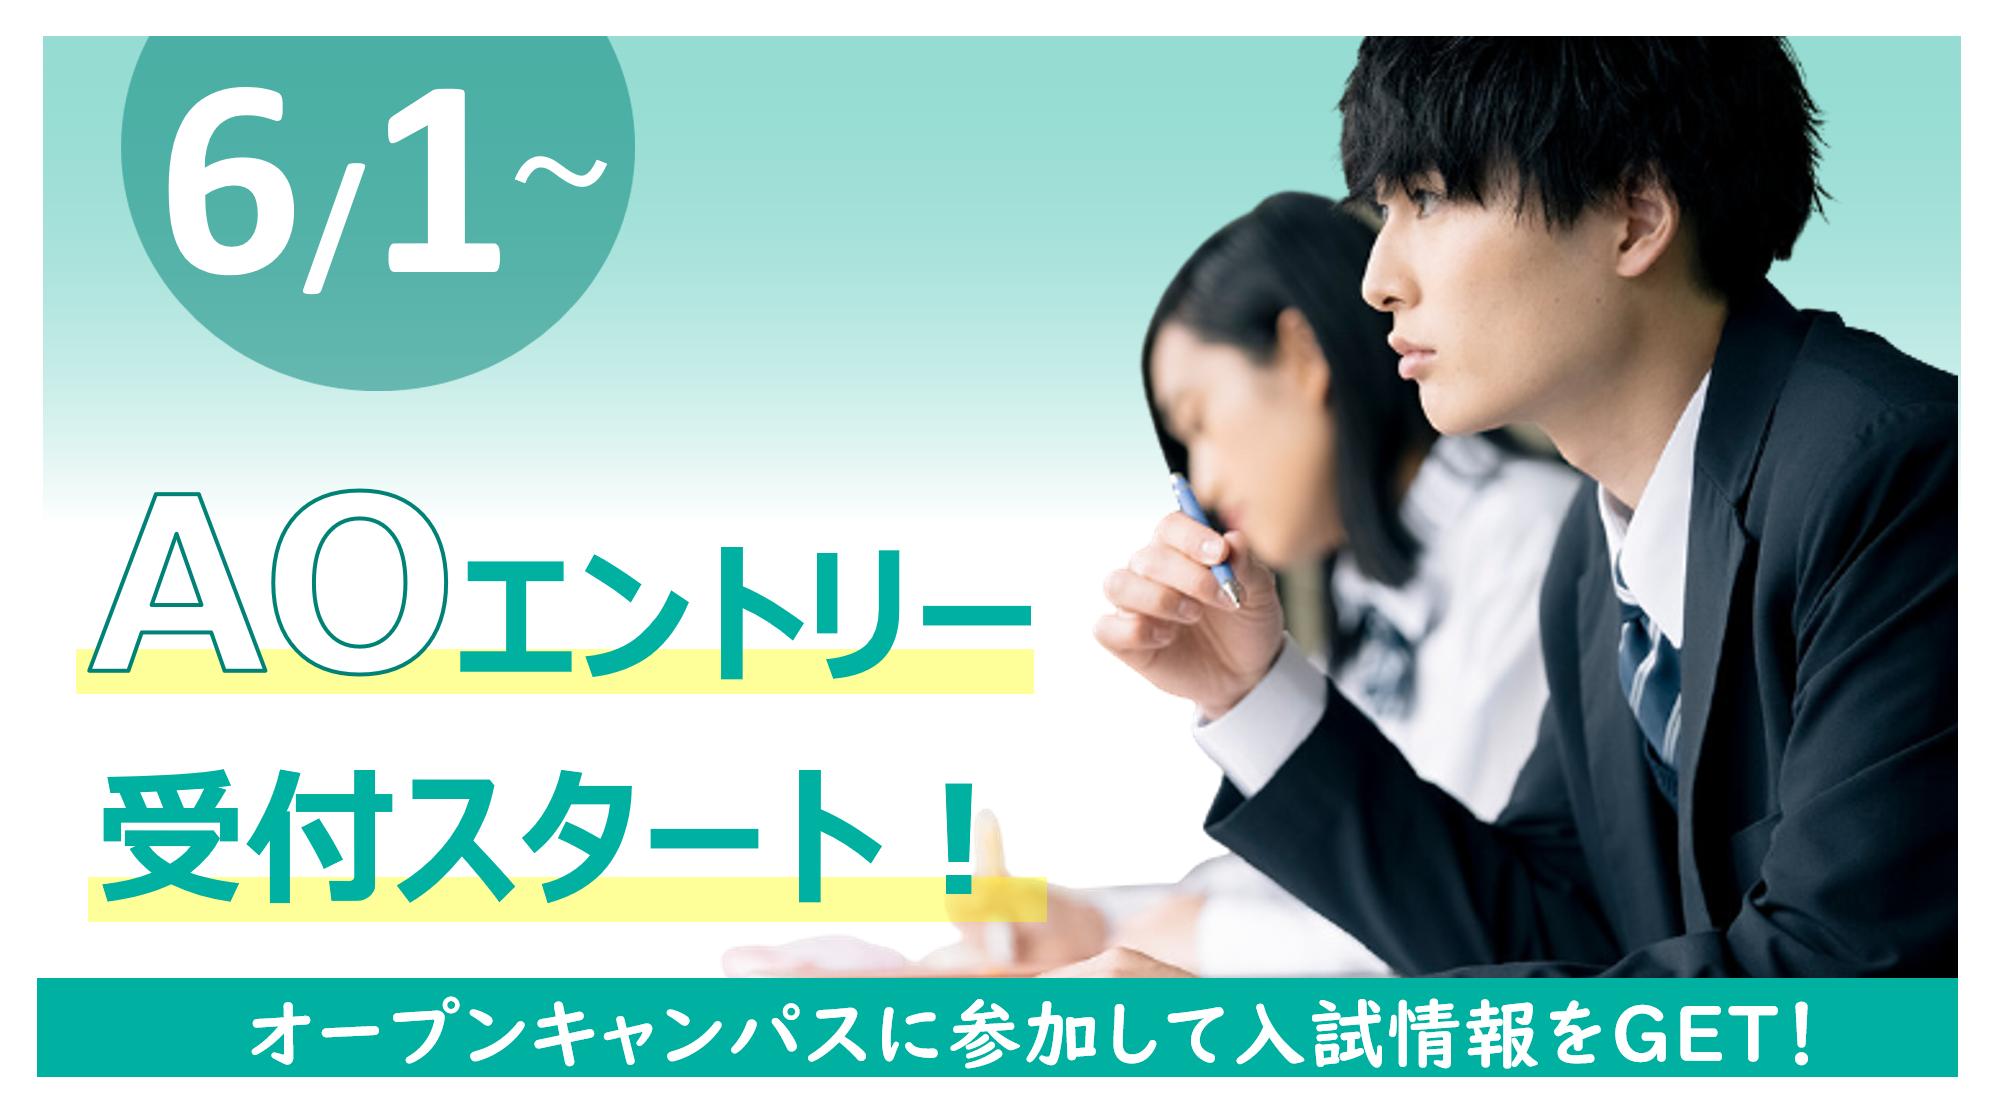 【入試関連】6/1(火)~AOエントリー受付スタート!まずはオープンキャンパスに参加して自分に合った入試方法をご相談ください!